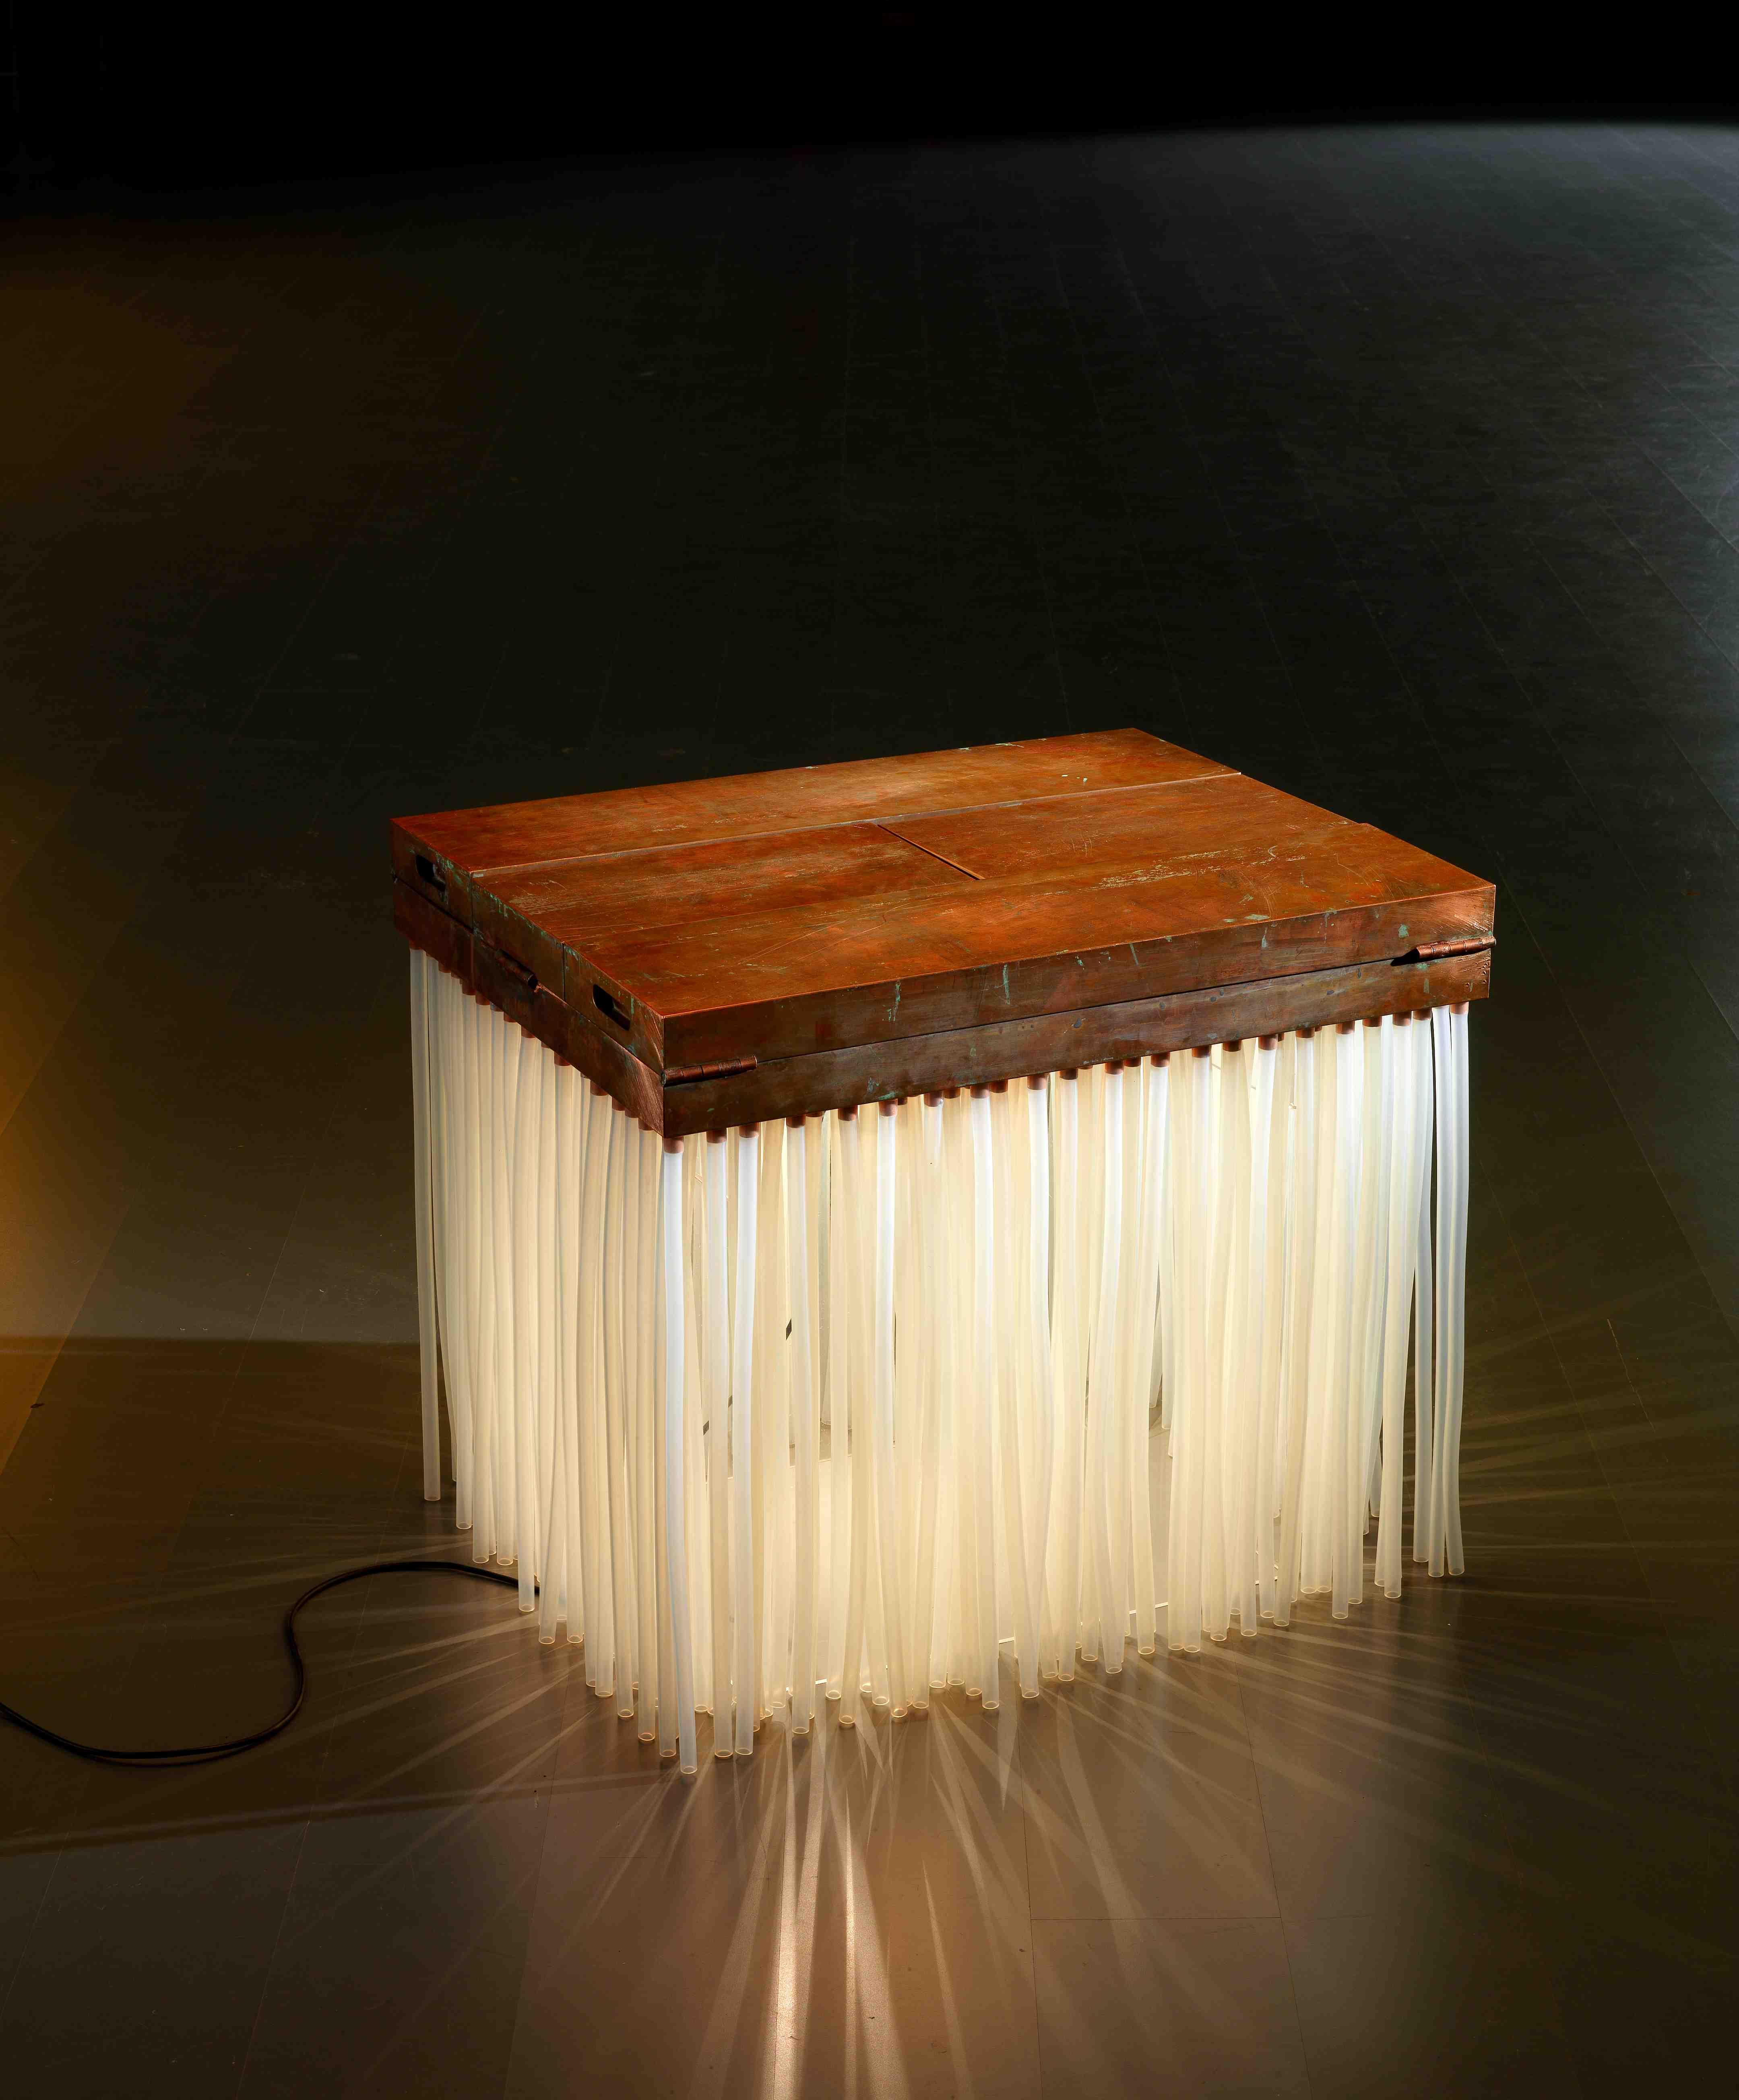 Mimmo Paladino, Massimilano e Doriana Fuksas, Corpus, 2004, rame, silicone e lampade, cm 65x75x60, 9 esemplari © GoriLab